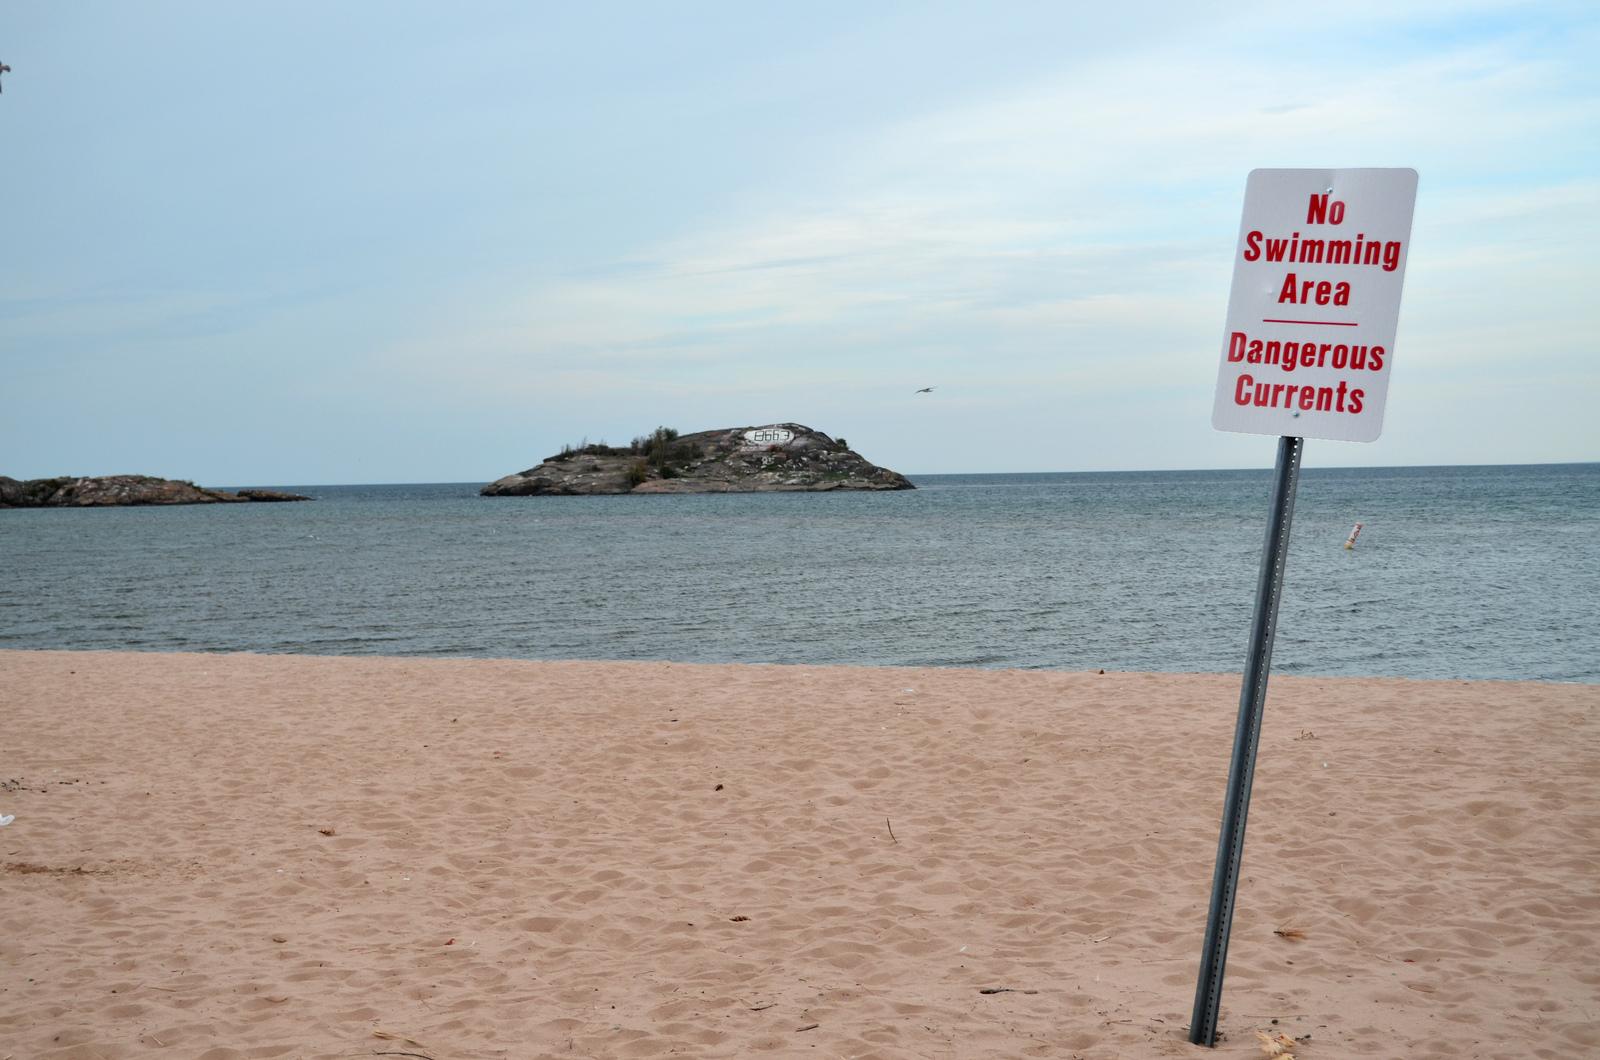 Picnic Rocks, Shiras Park, Marquette, MI. Image credit: Michigan Sea Grant